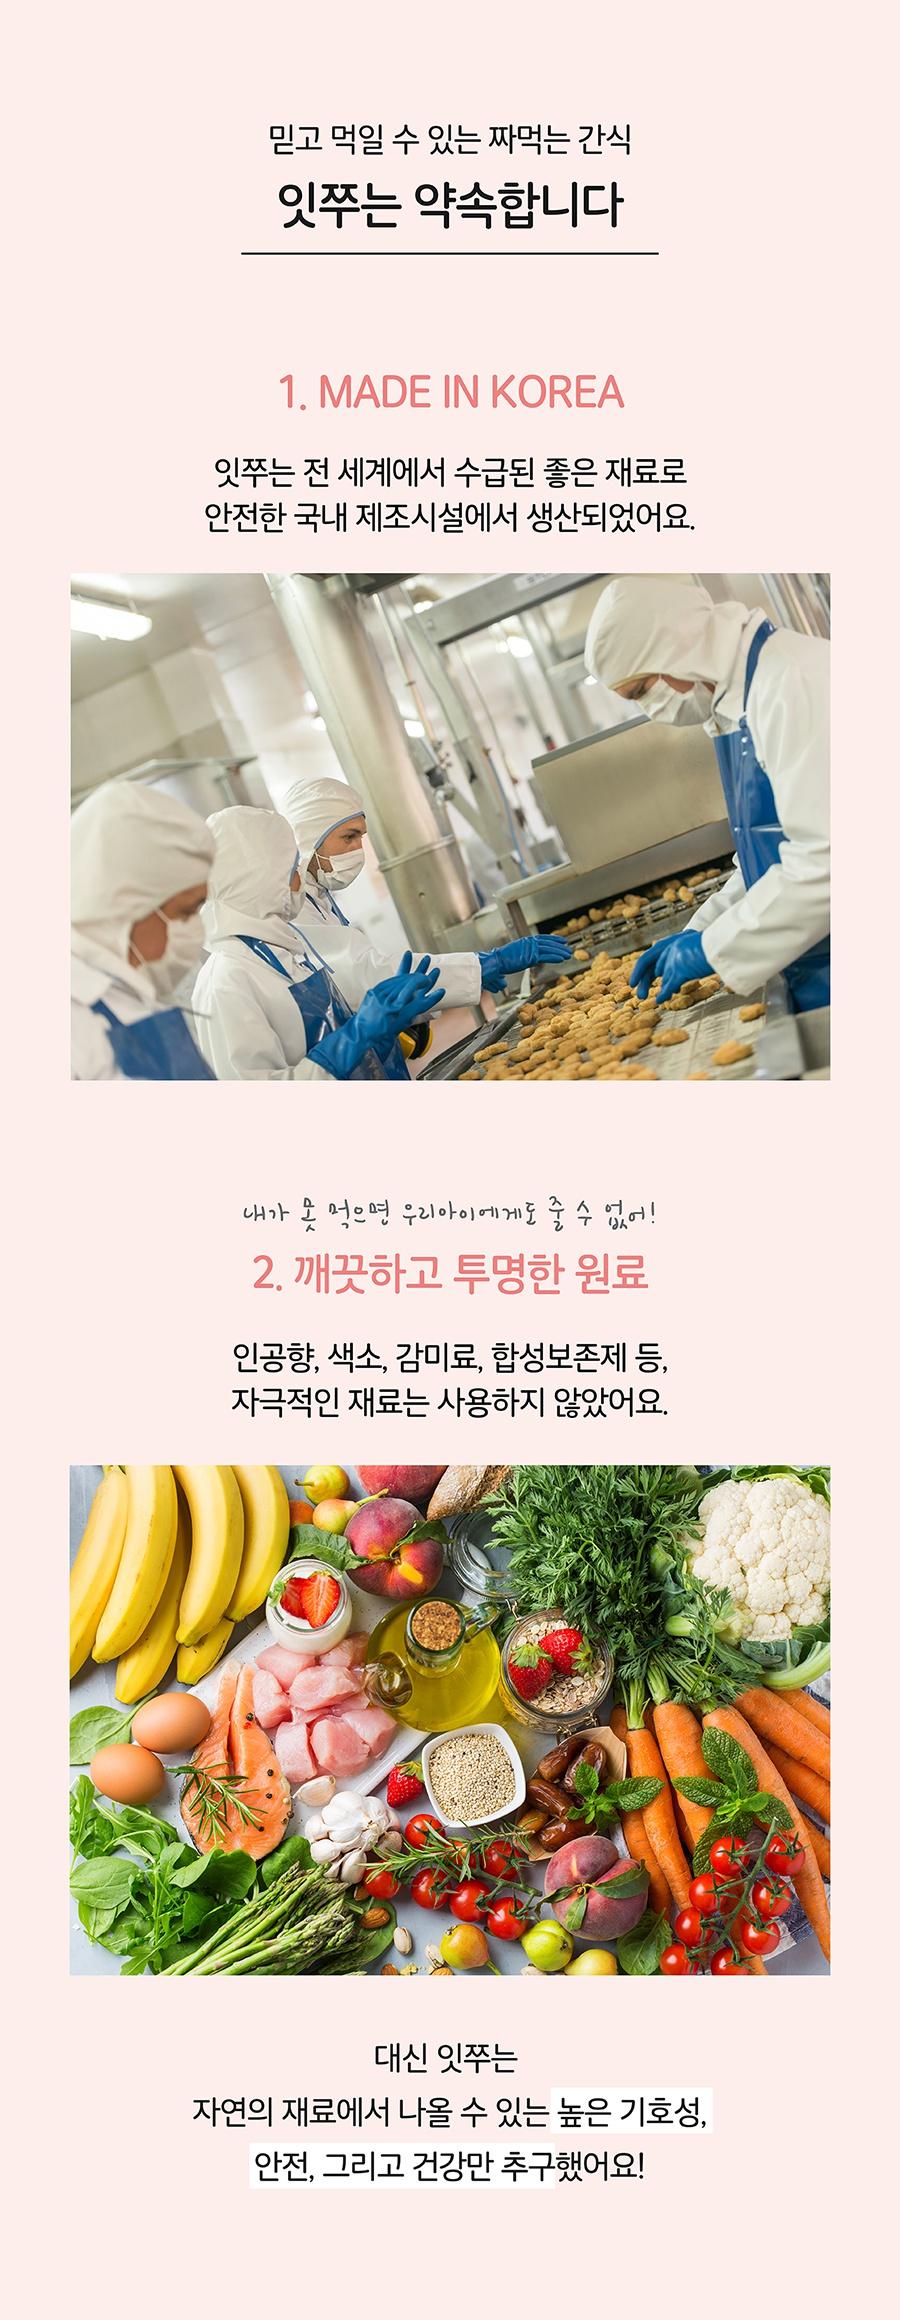 [오구오구특가]it 잇쭈 피부 (8개입)-상품이미지-0